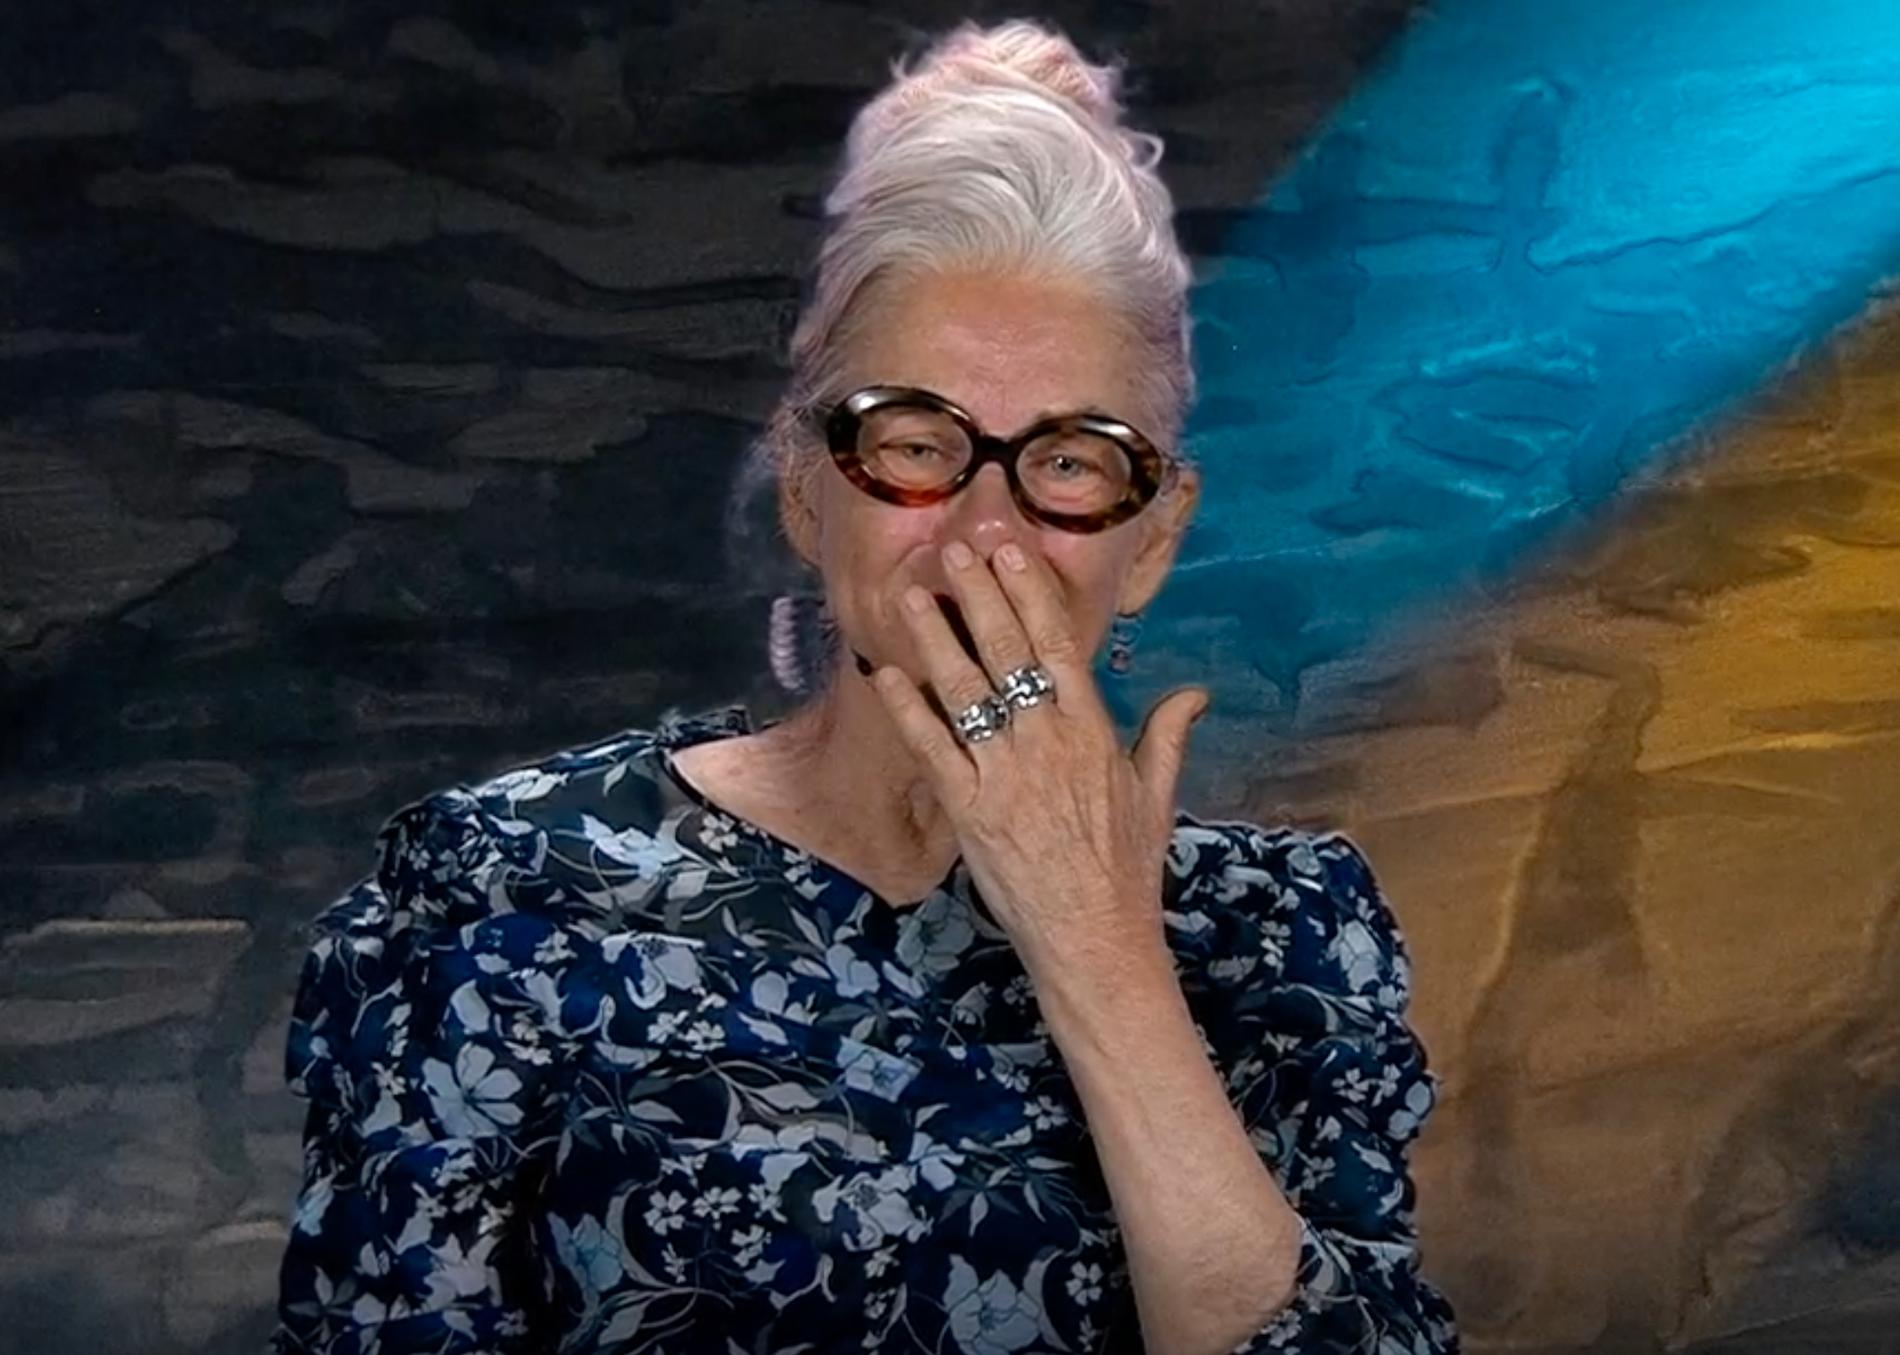 Ewa Fröling föll i tårar när hon berättade om vänskapen med Stina Ekblad.